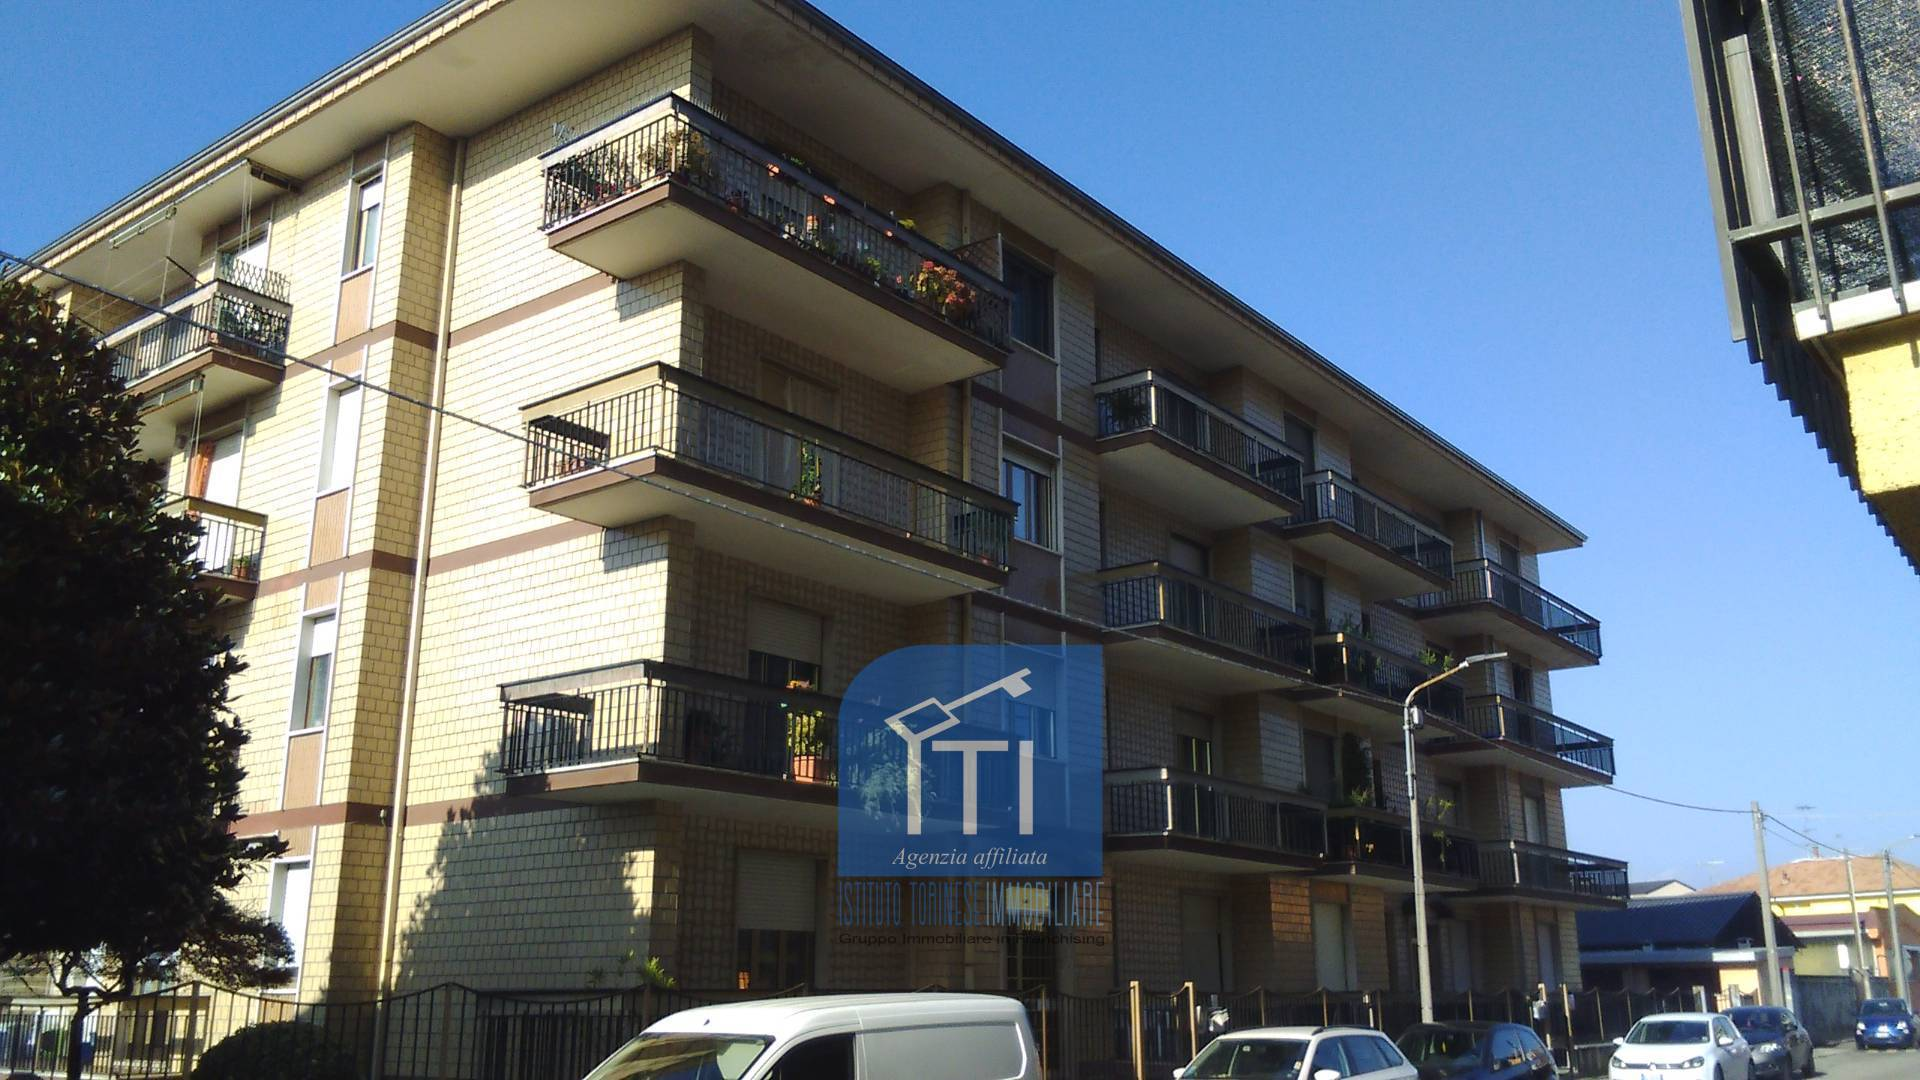 Appartamento in vendita a Santhià, 3 locali, prezzo € 64.000   PortaleAgenzieImmobiliari.it